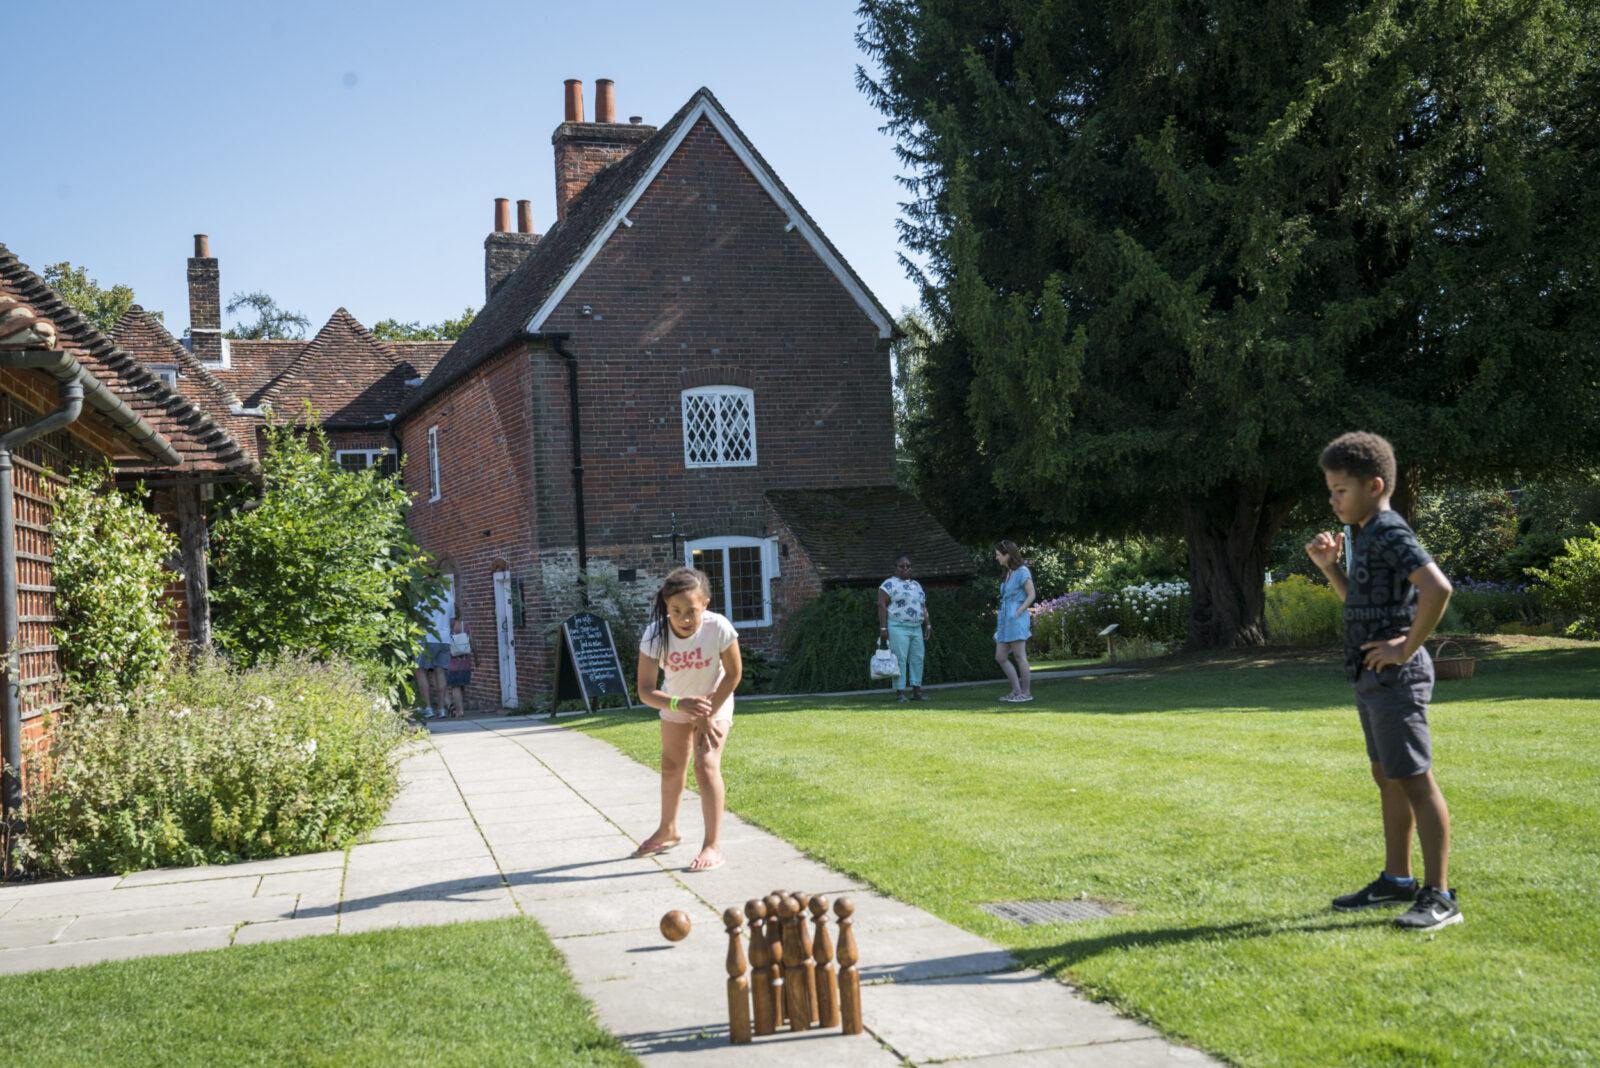 children play in the garden at Jane Austen's House